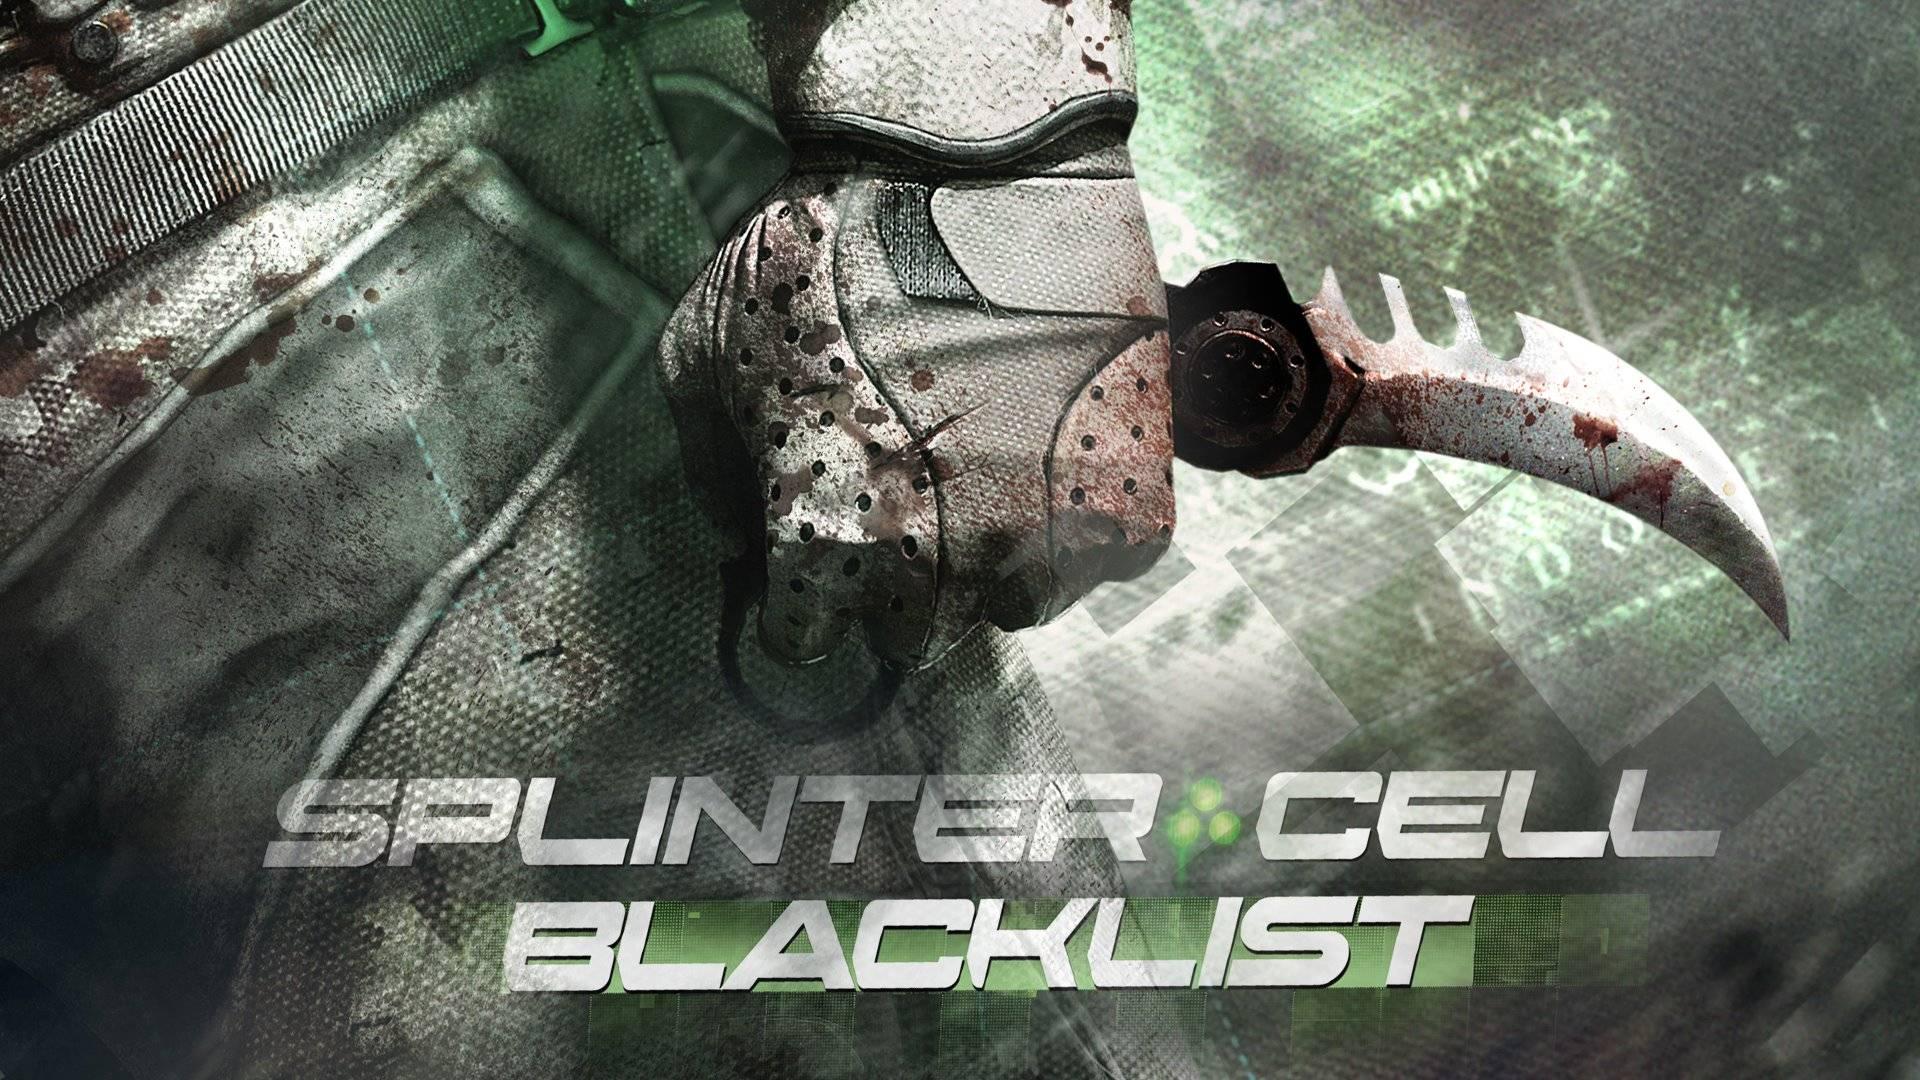 New Splinter Cell: Blacklist Co-Op trailer released